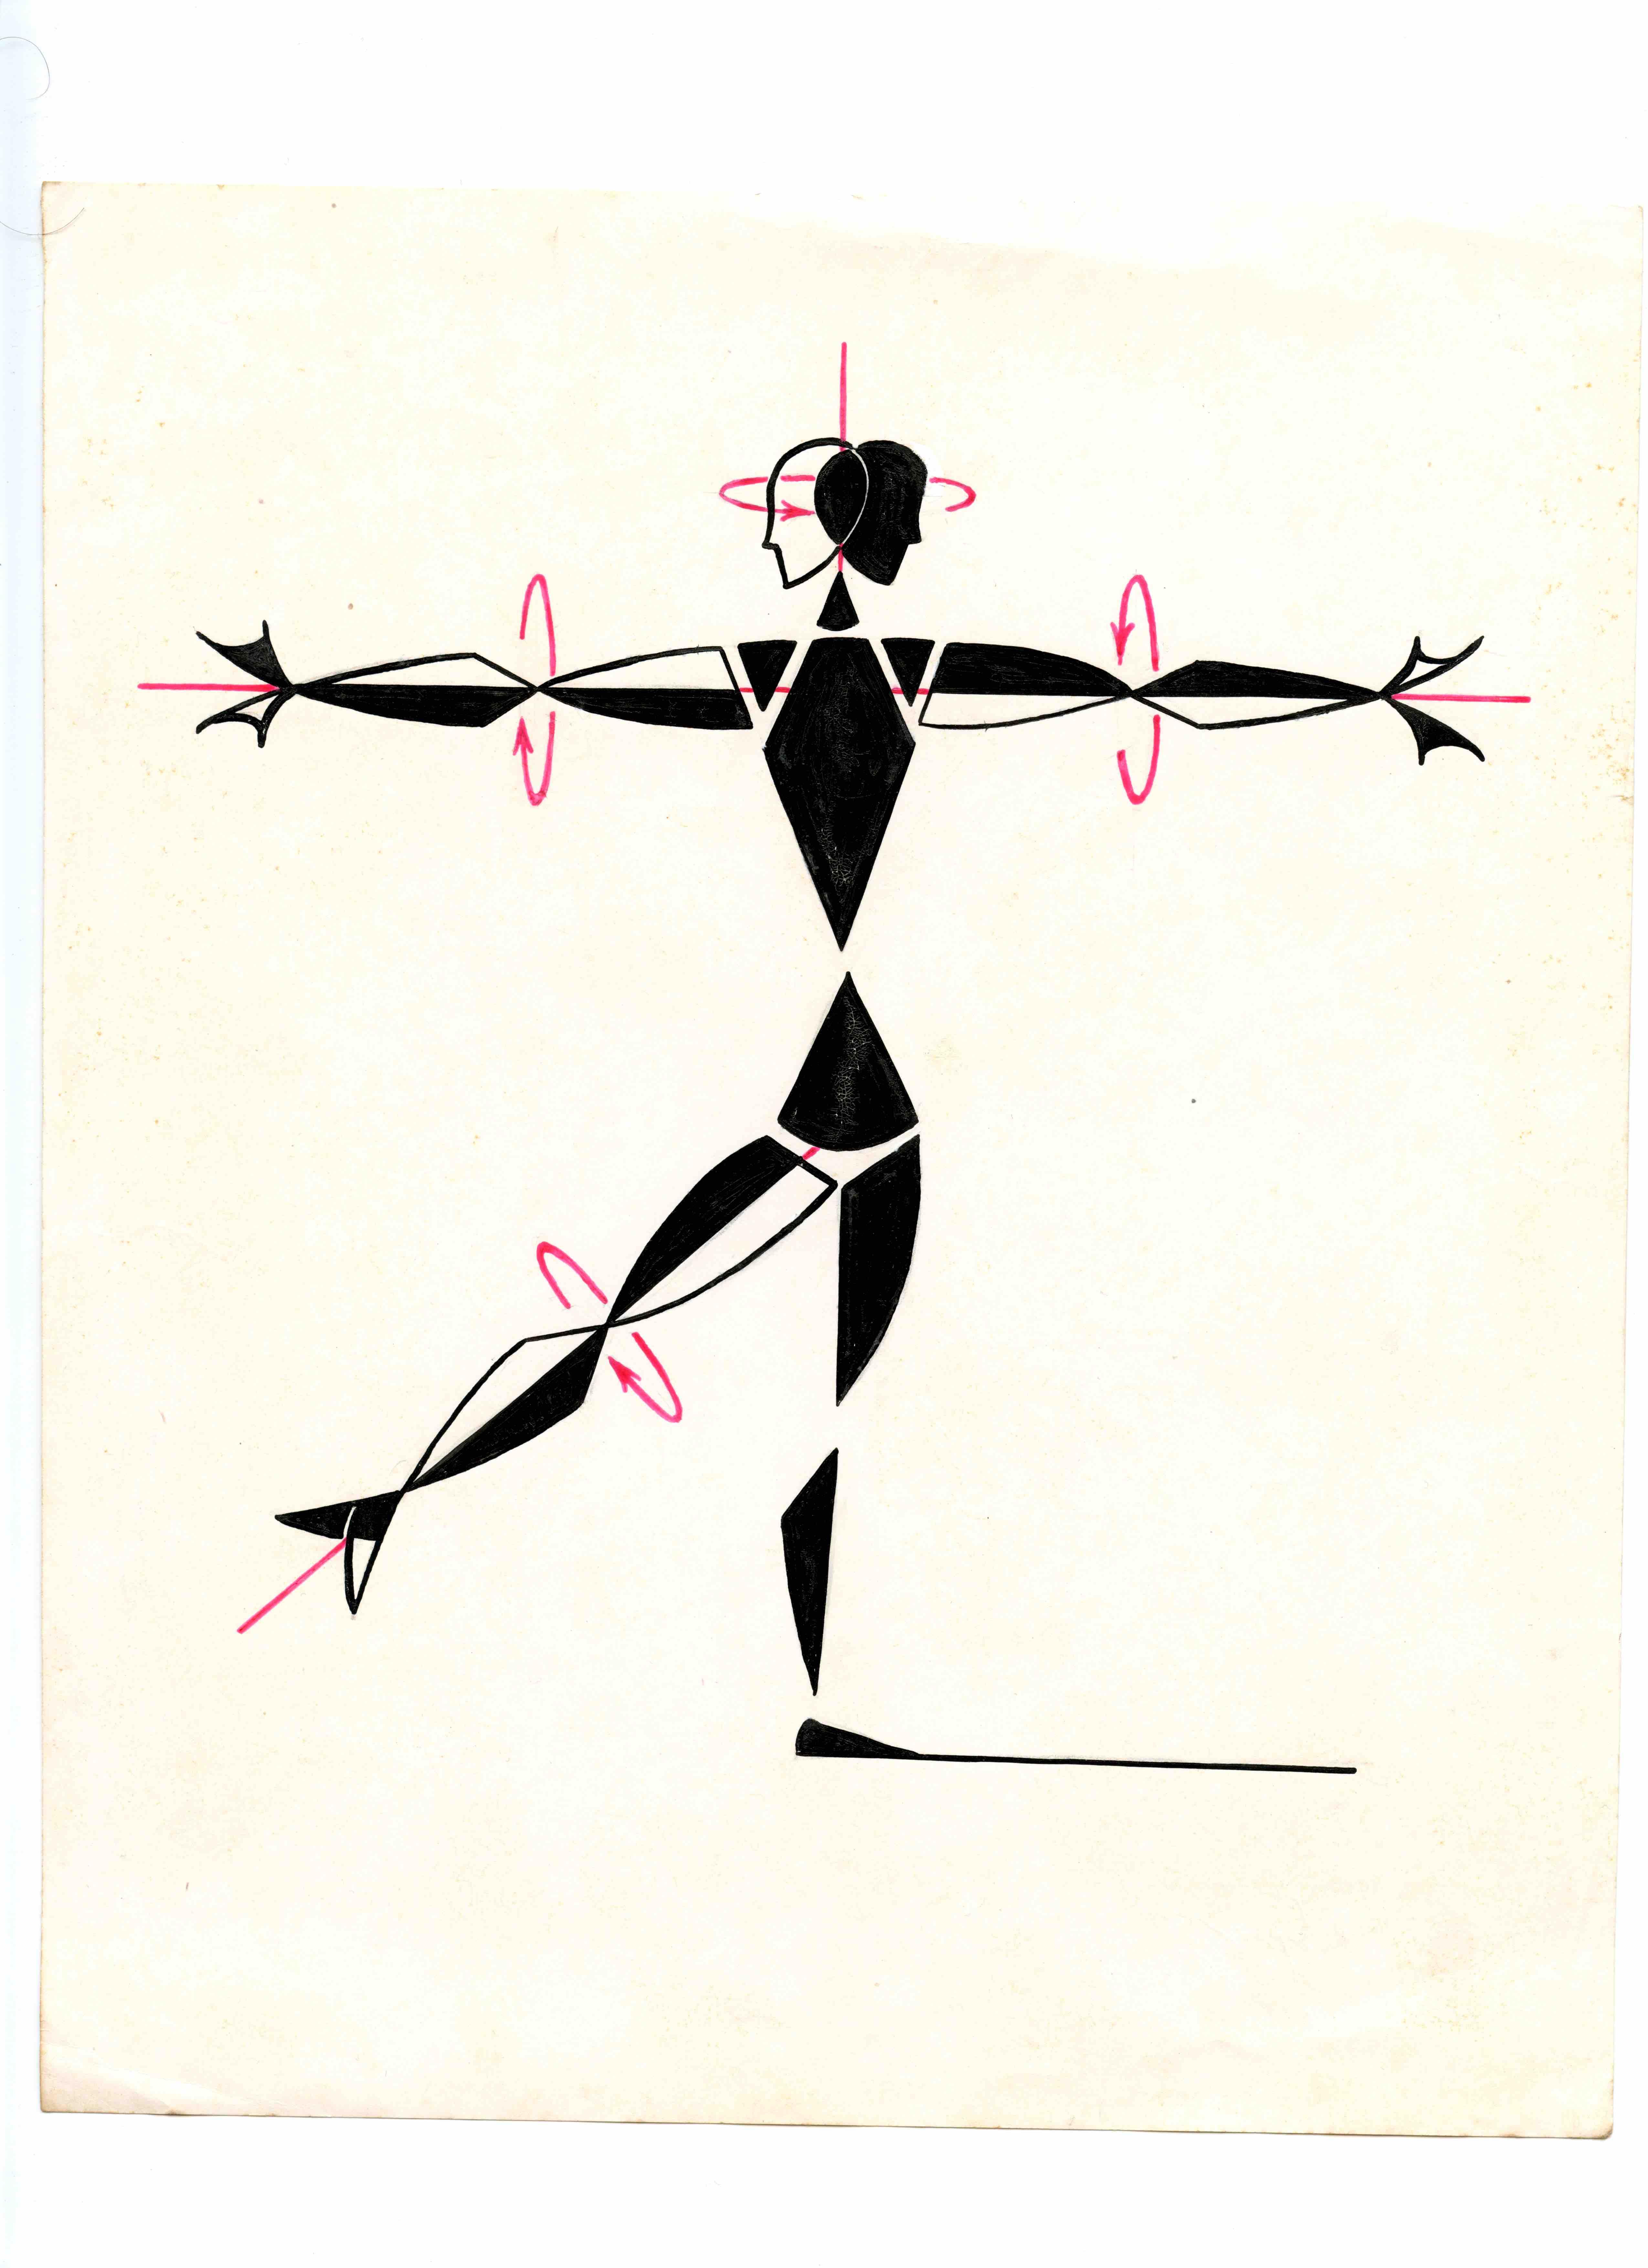 John G. Harries, <i>Rotary Movement</i>, 1950s. Courtesy of The Noa Eshkol Foundation for Movement Notation